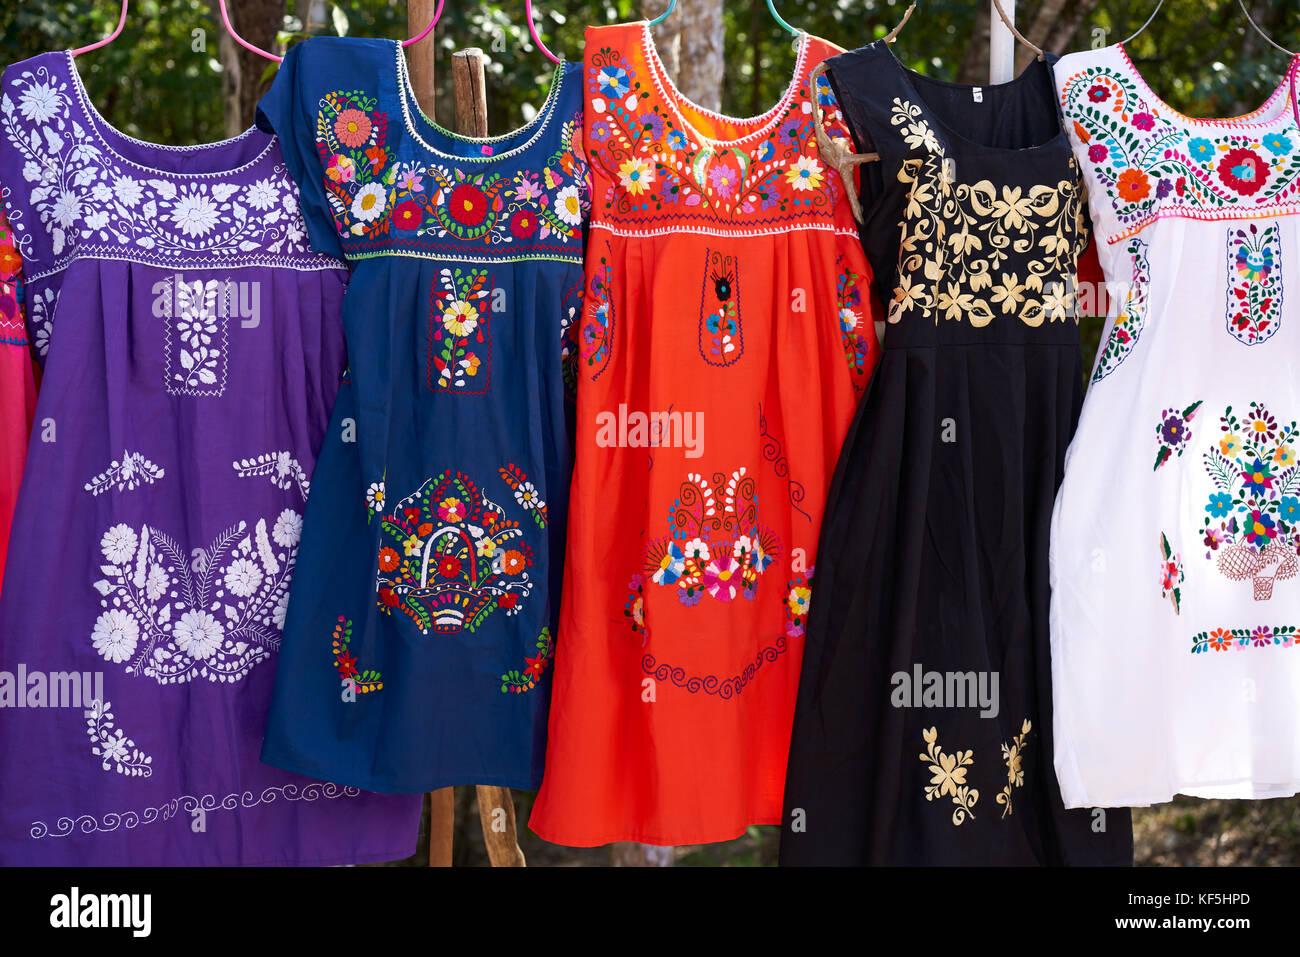 190cf5f14 Vestidos Bordados de Chichen Itzá en Yucatán